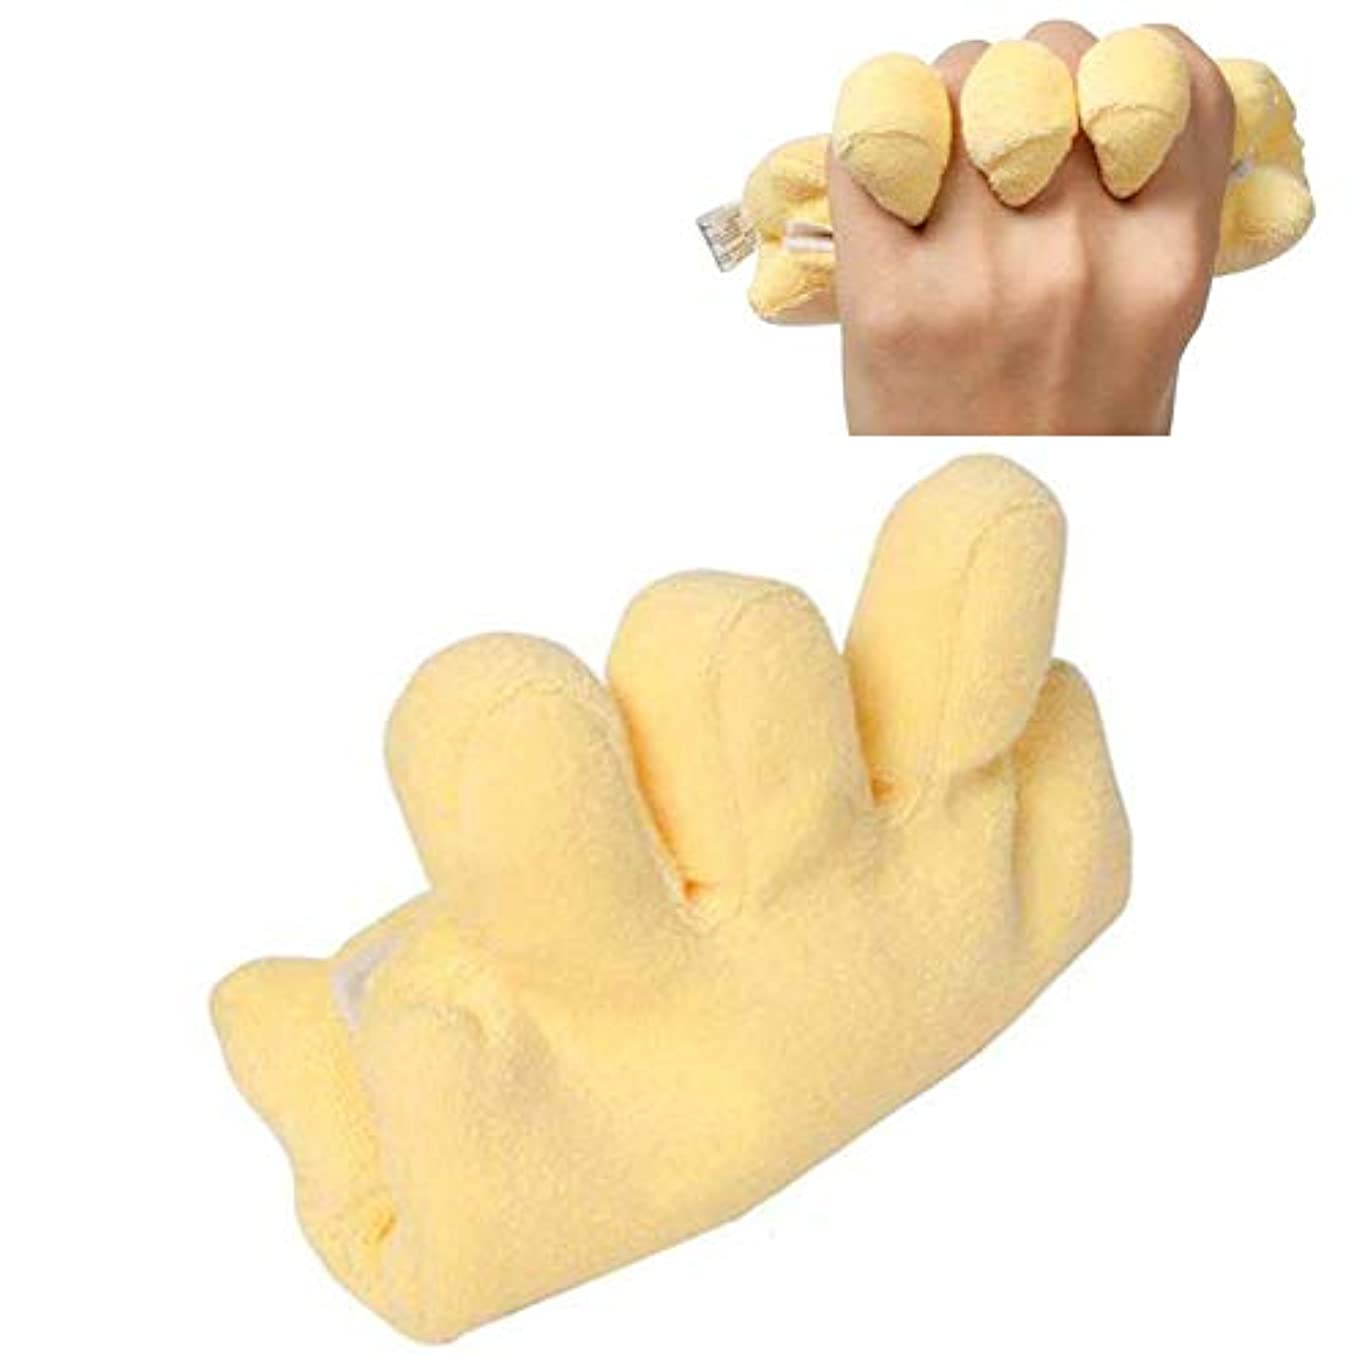 見つける落ち込んでいる友情手拘縮装具予防クッション、患者高齢者用の指セパレーター付きパームプロテクター,1PC